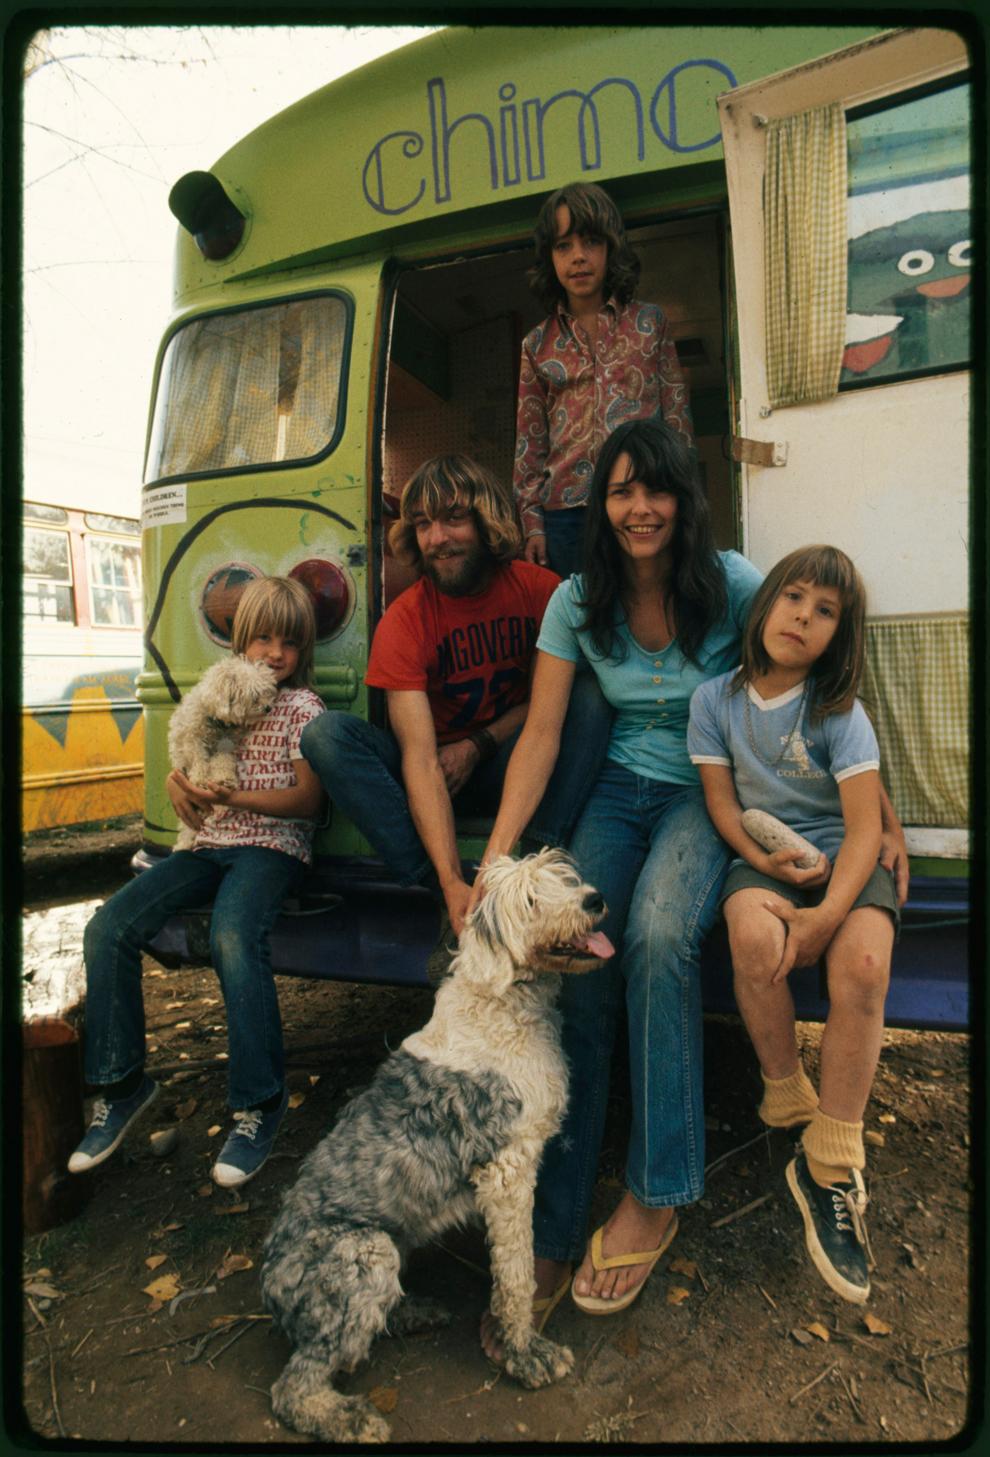 回到七十年代(1971-1977年的美国) - wuwei1101 - 西花社